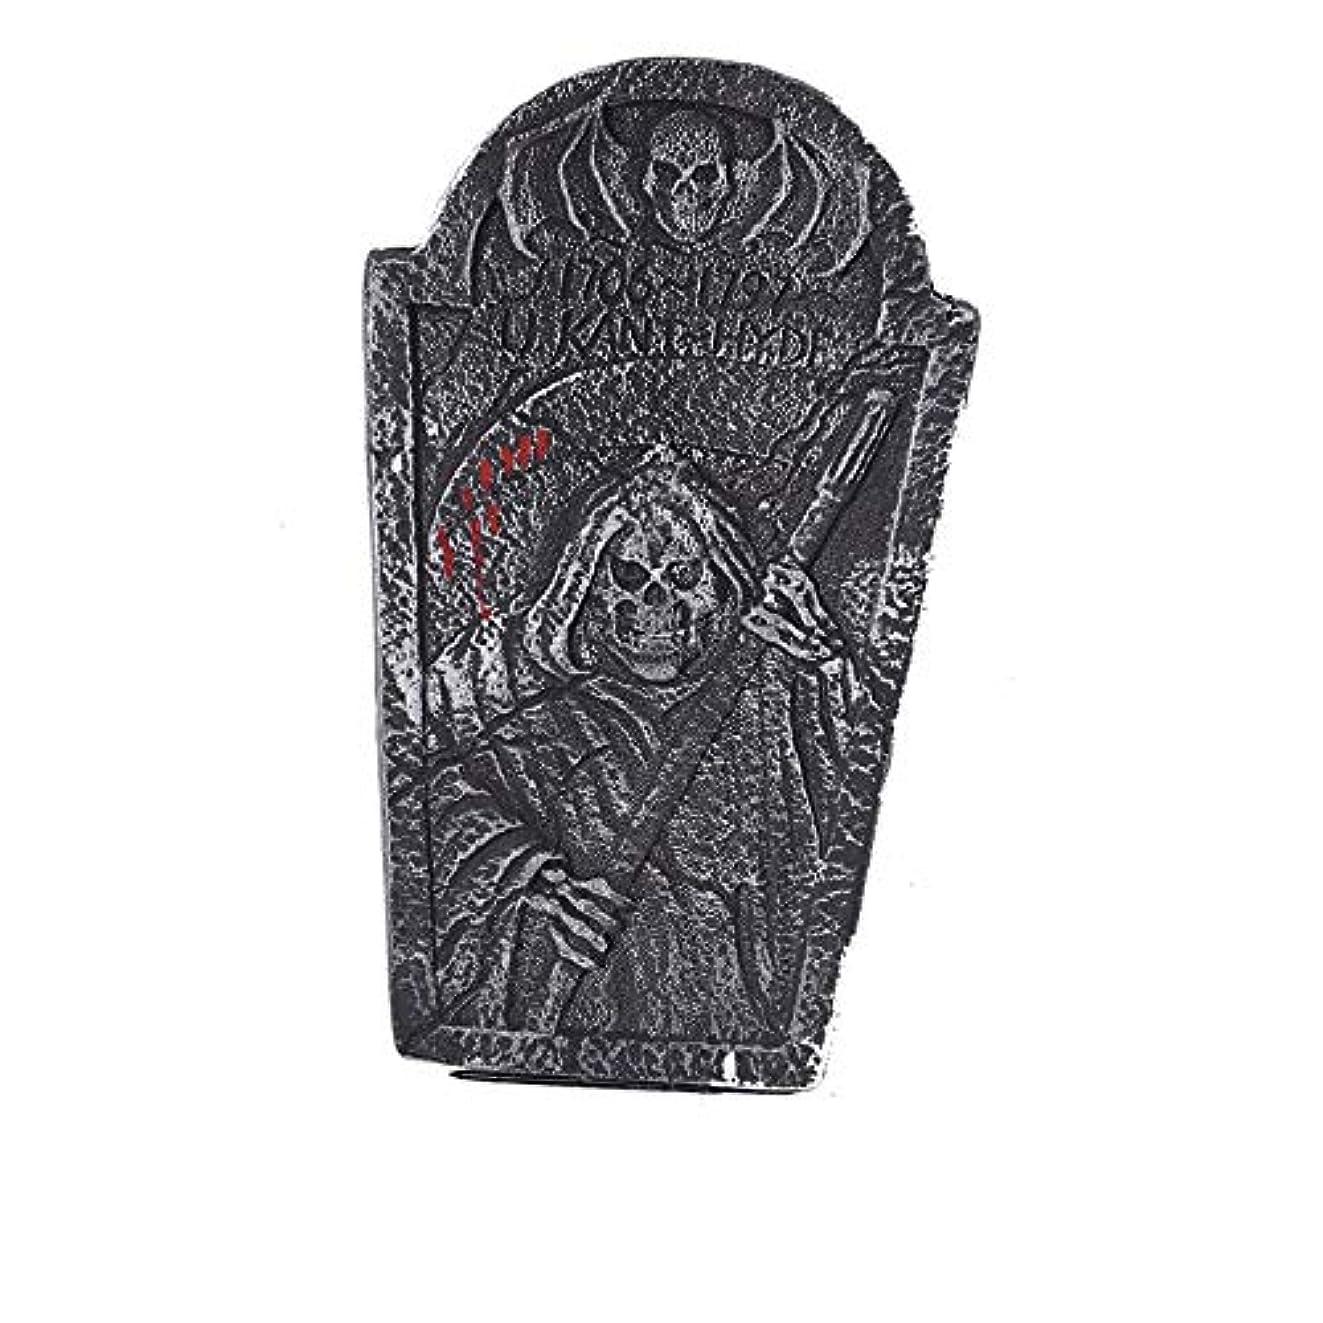 ラオス人緩む底ETRRUU HOME ハロウィーン墓石お化け屋敷バー装飾秘密の部屋タトゥーショップホラースカル装飾写真の小道具